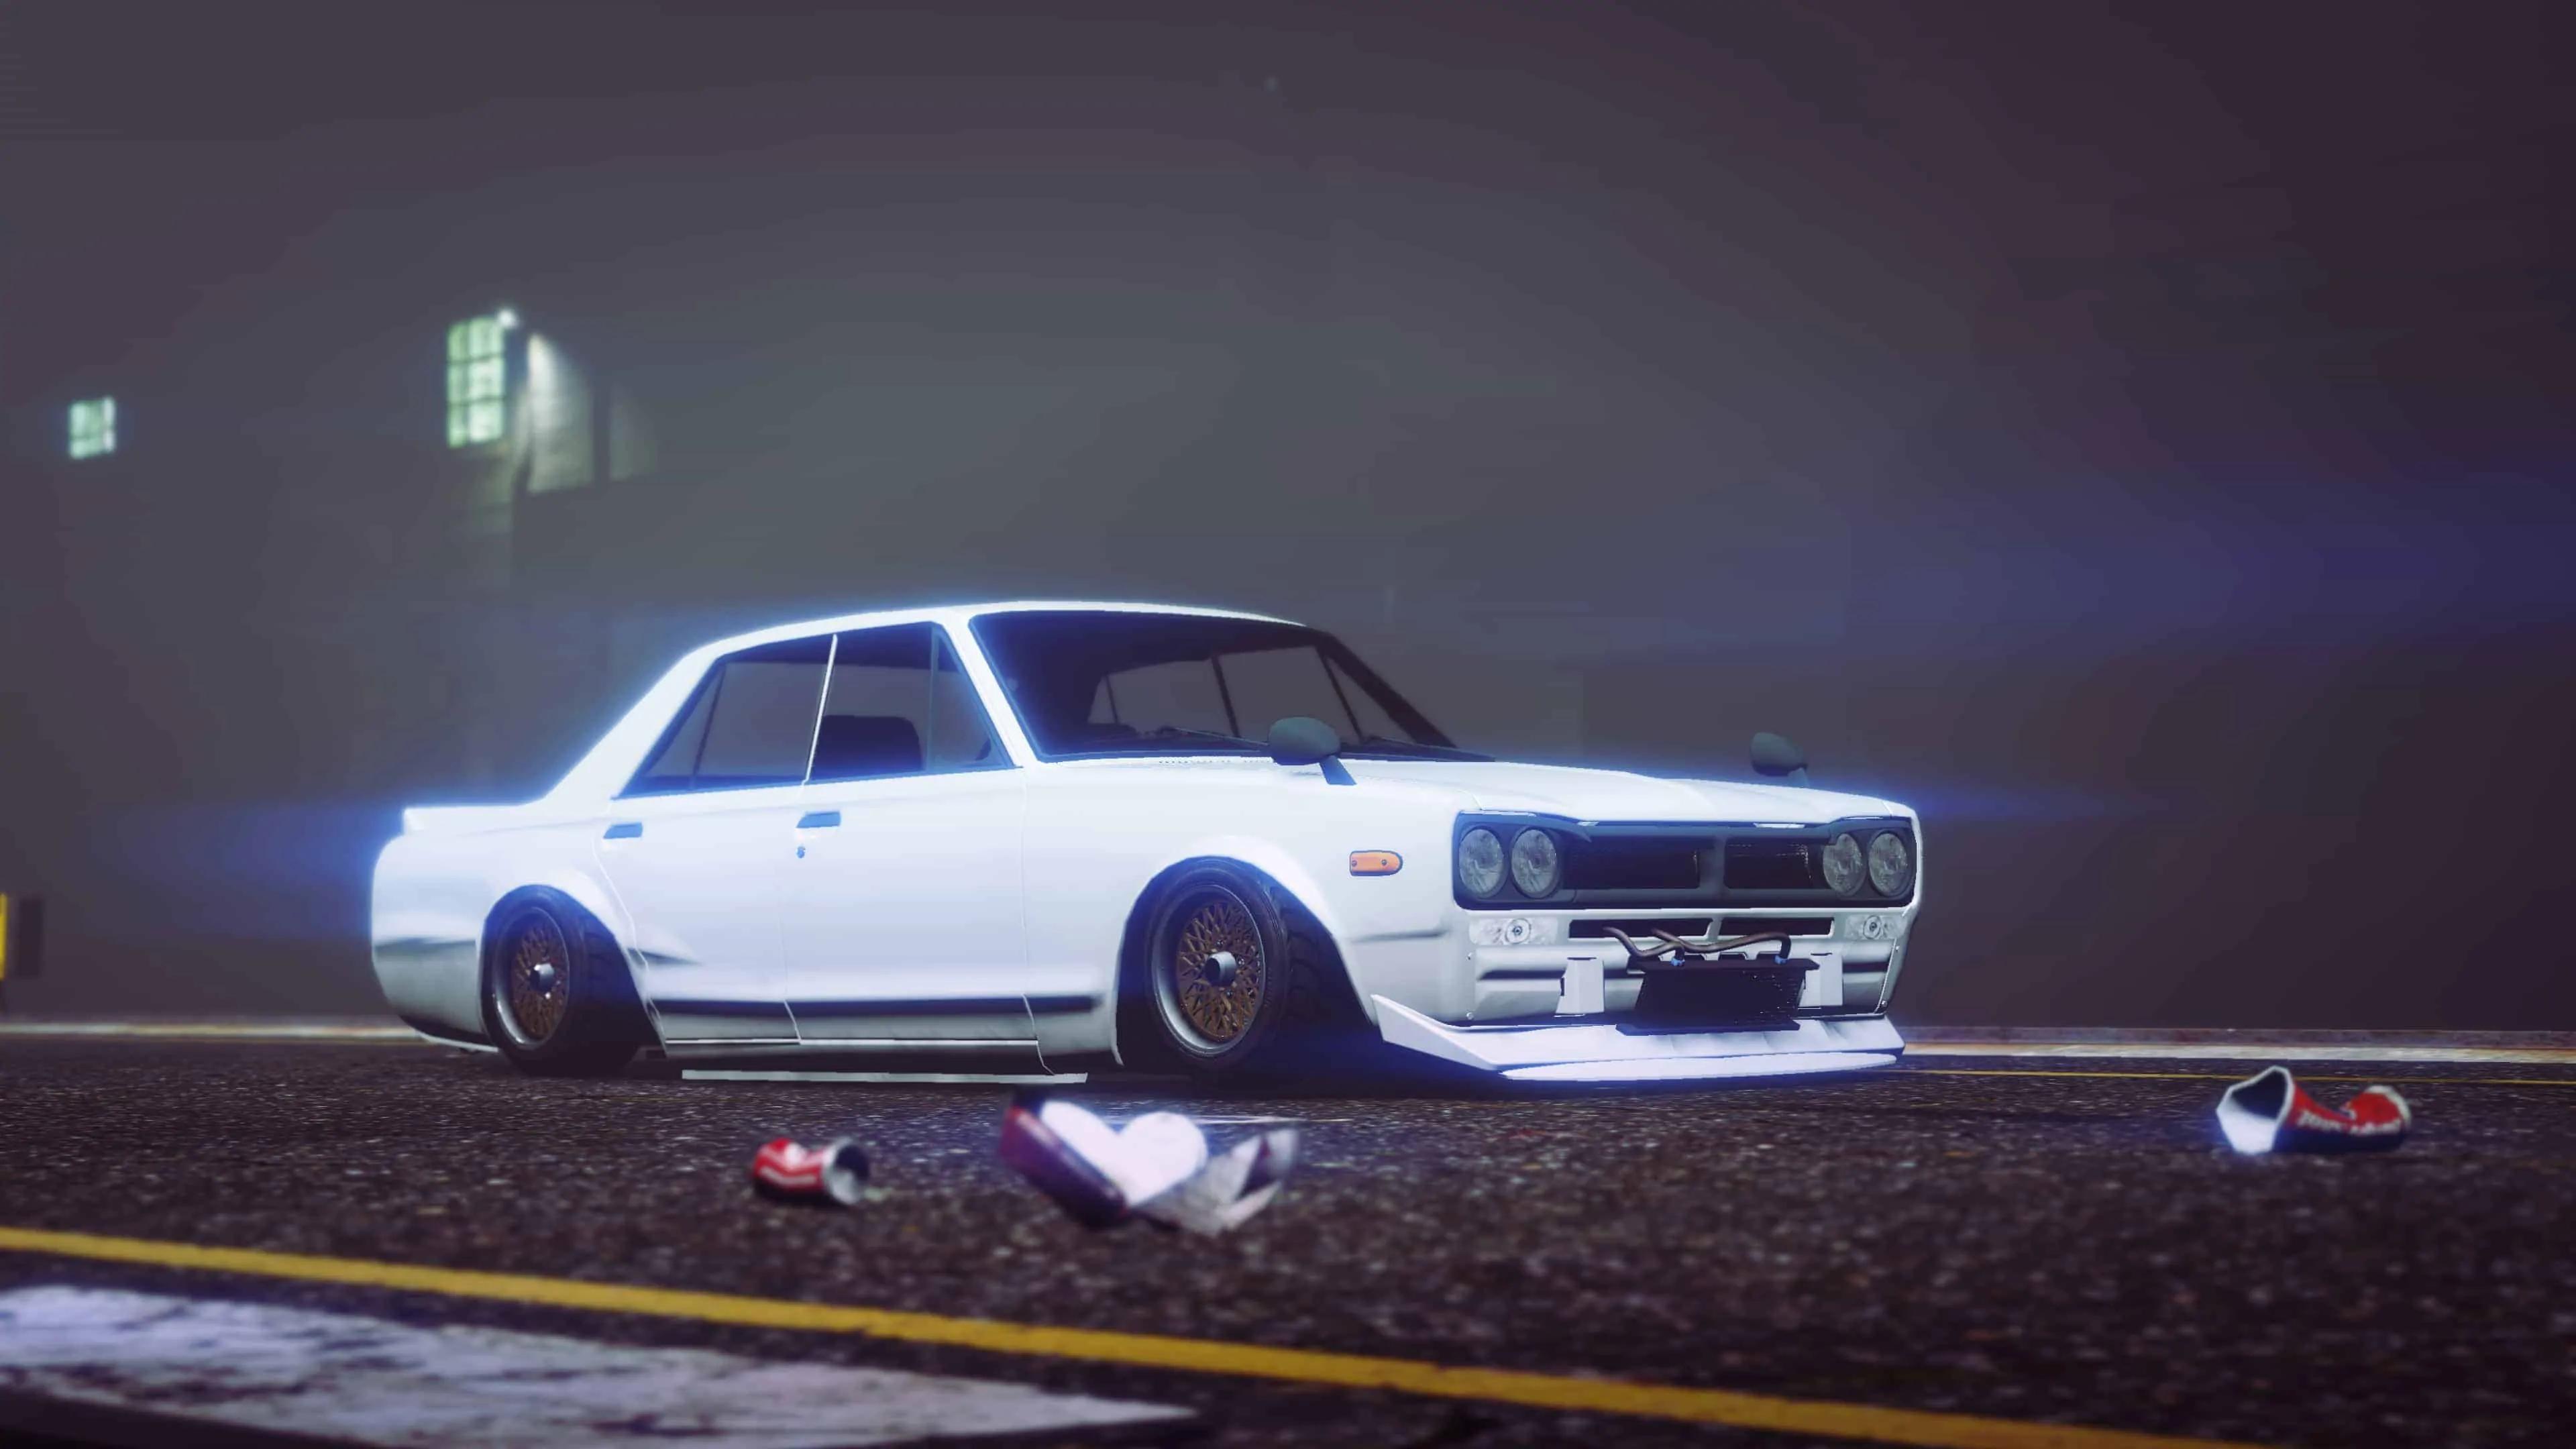 gta 5 car mods ps4 download